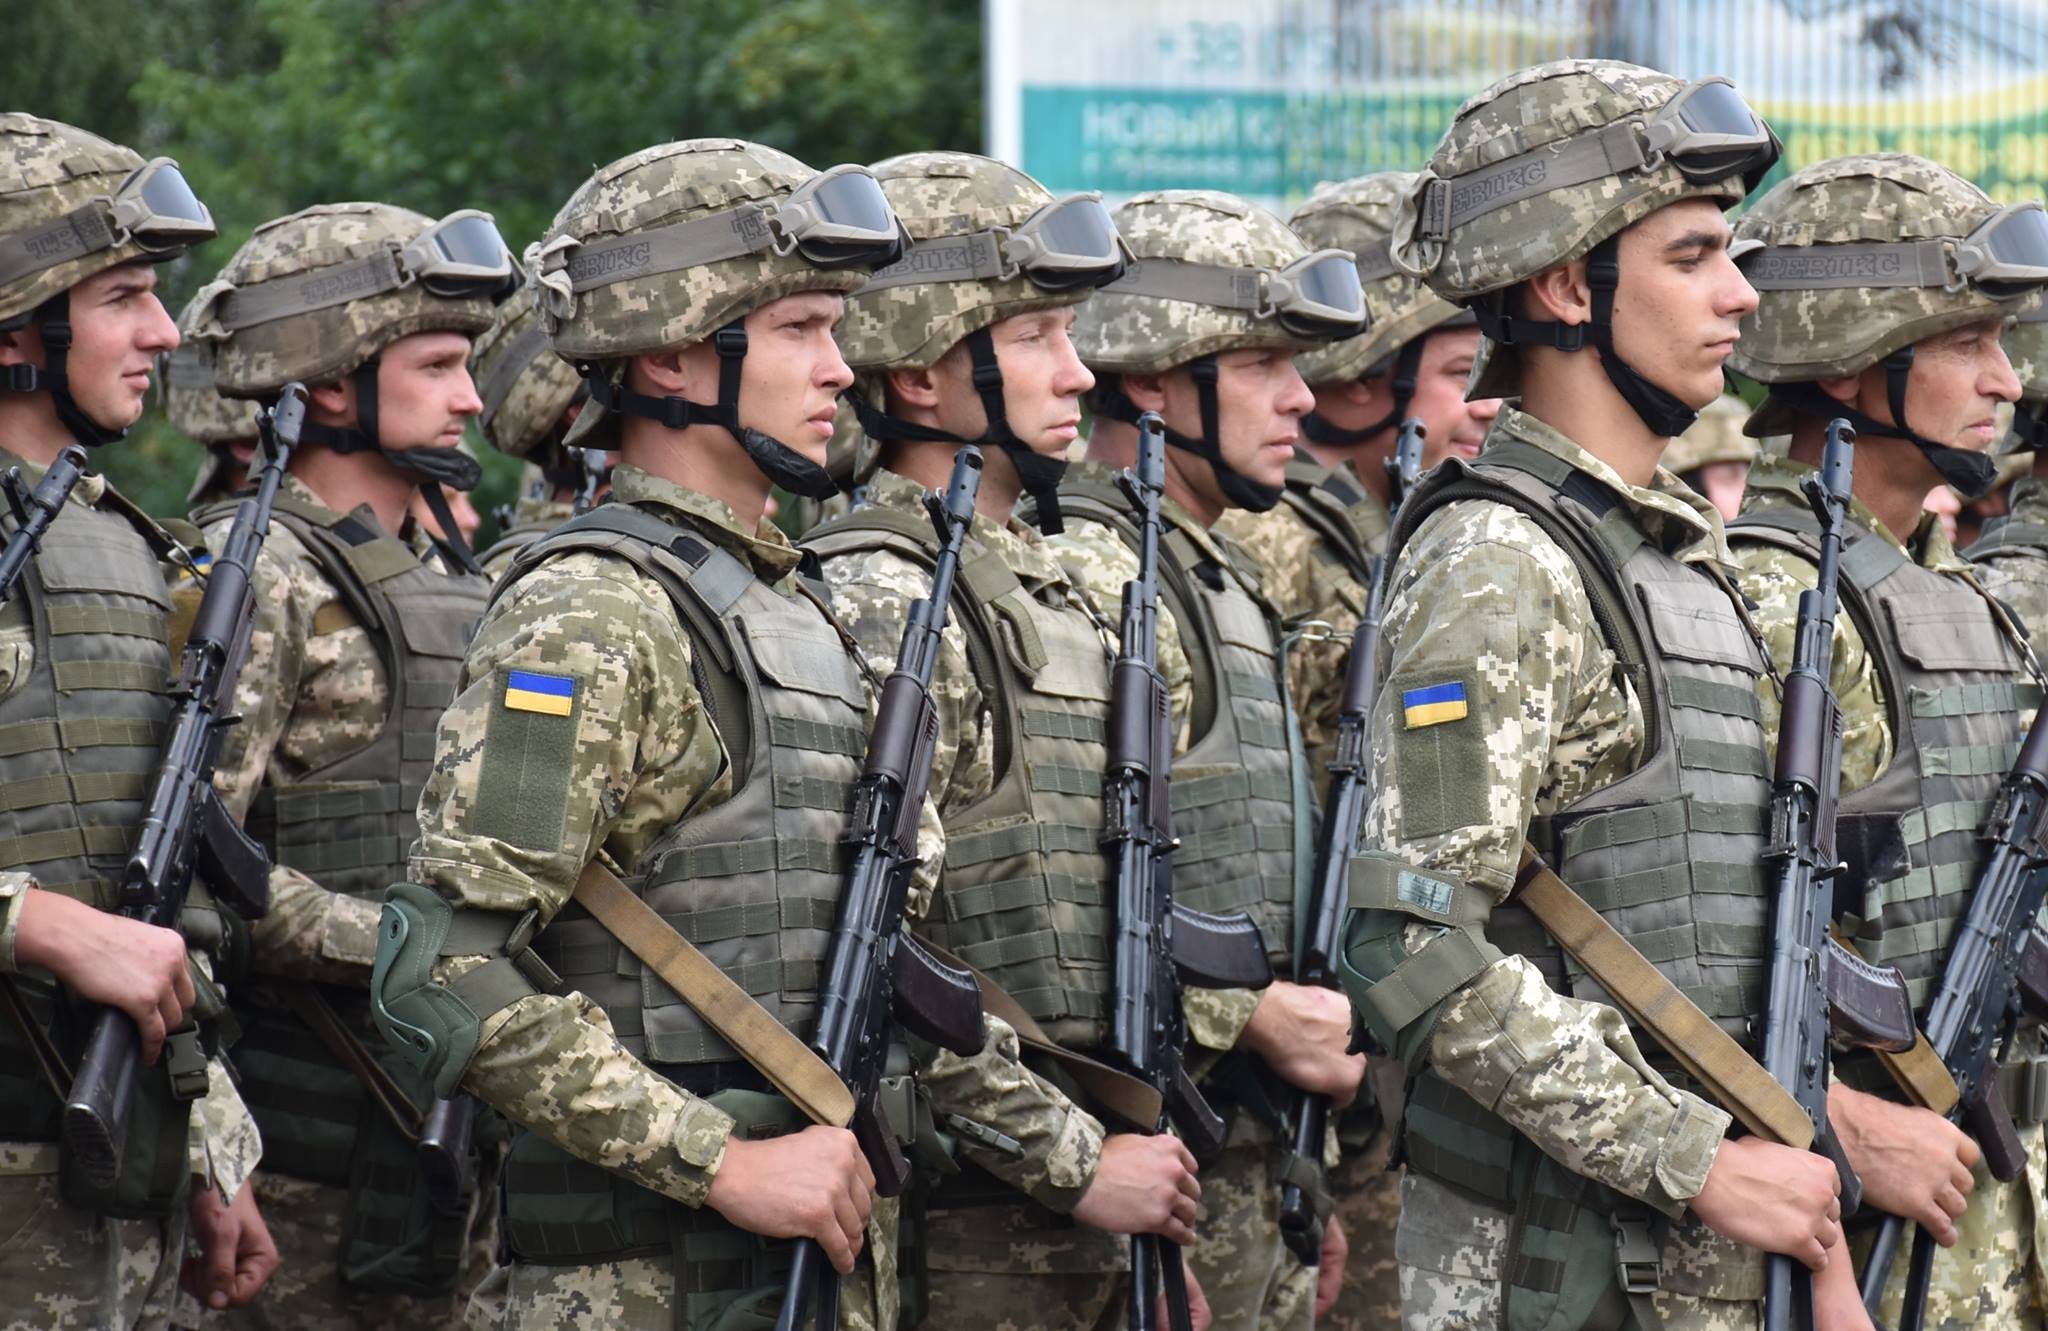 Не втягуйте нас у мерзотне політиканство, – 14 ОМБр про скандальний банер у Луцьку